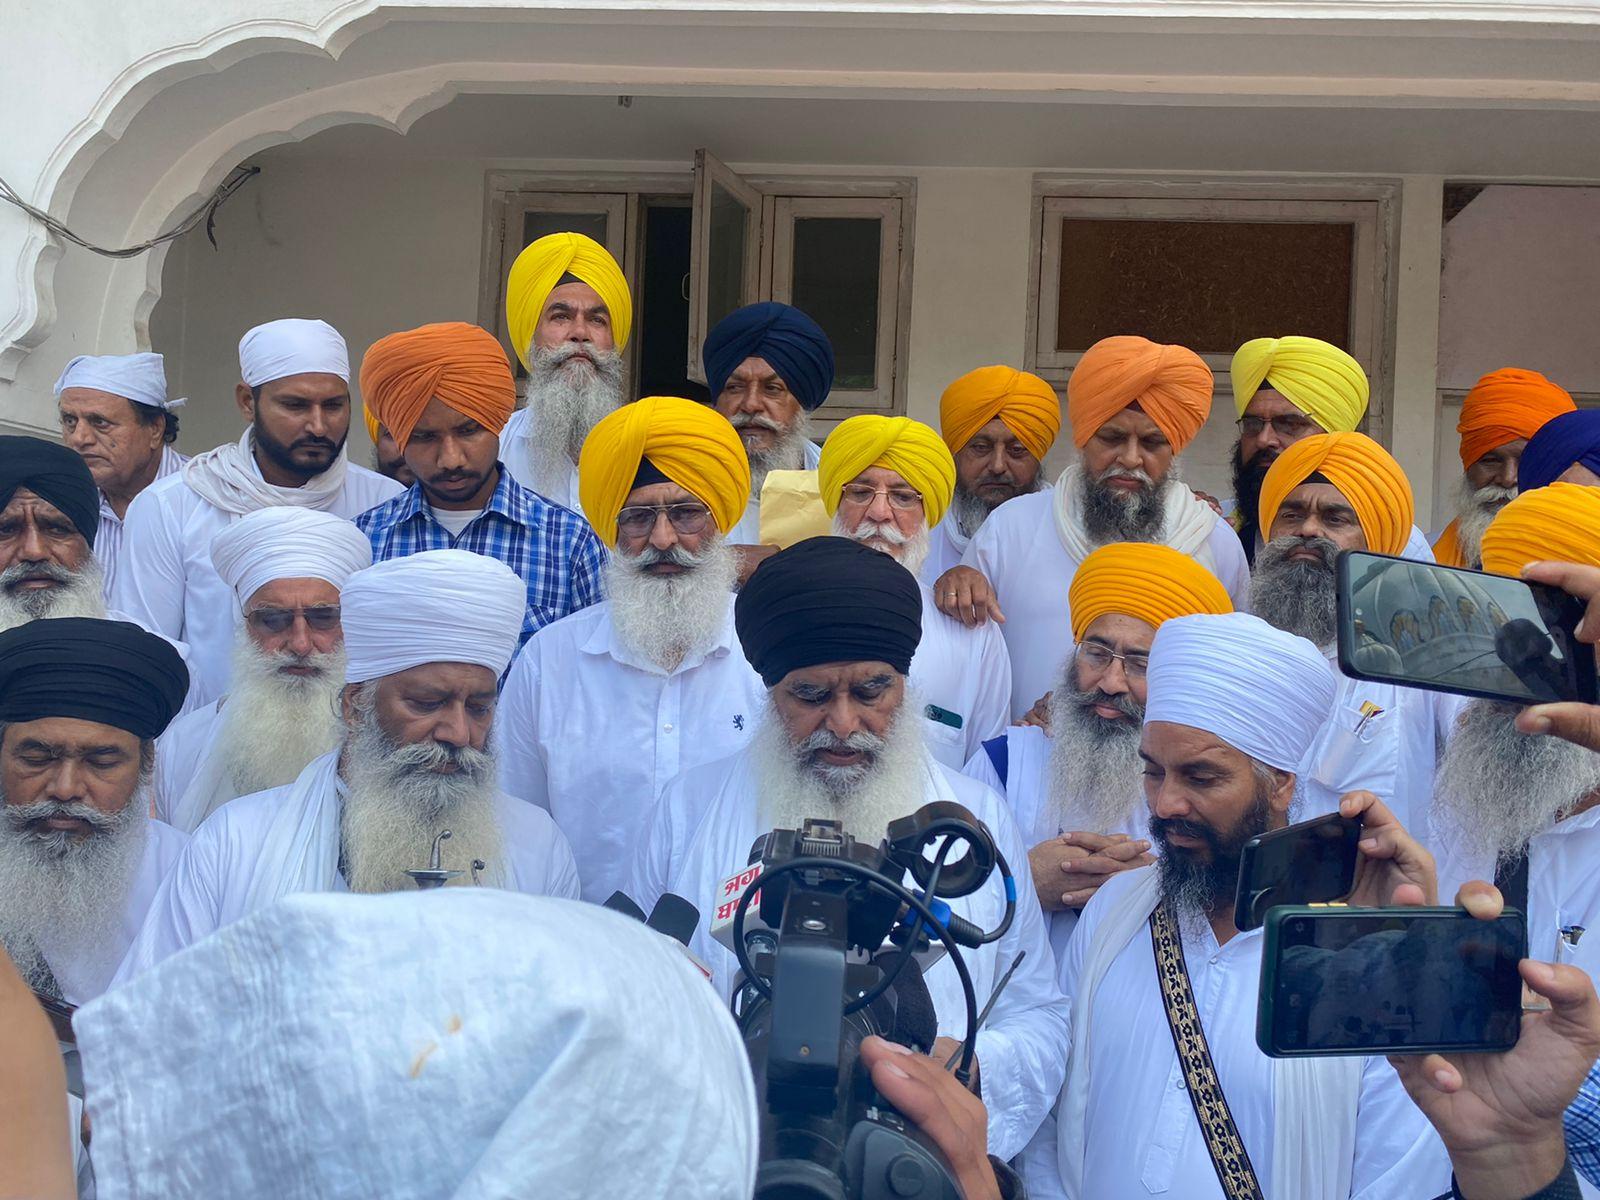 सरबत खालसा के बुलावे पर सोमवार को अकाल तख्त पर नहीं पहुंचे अमरिंदर सिंह, सिंह साहिबनों ने अब 4 अक्टूबर को हाजिर होने को कहा|अमृतसर,Amritsar - Dainik Bhaskar